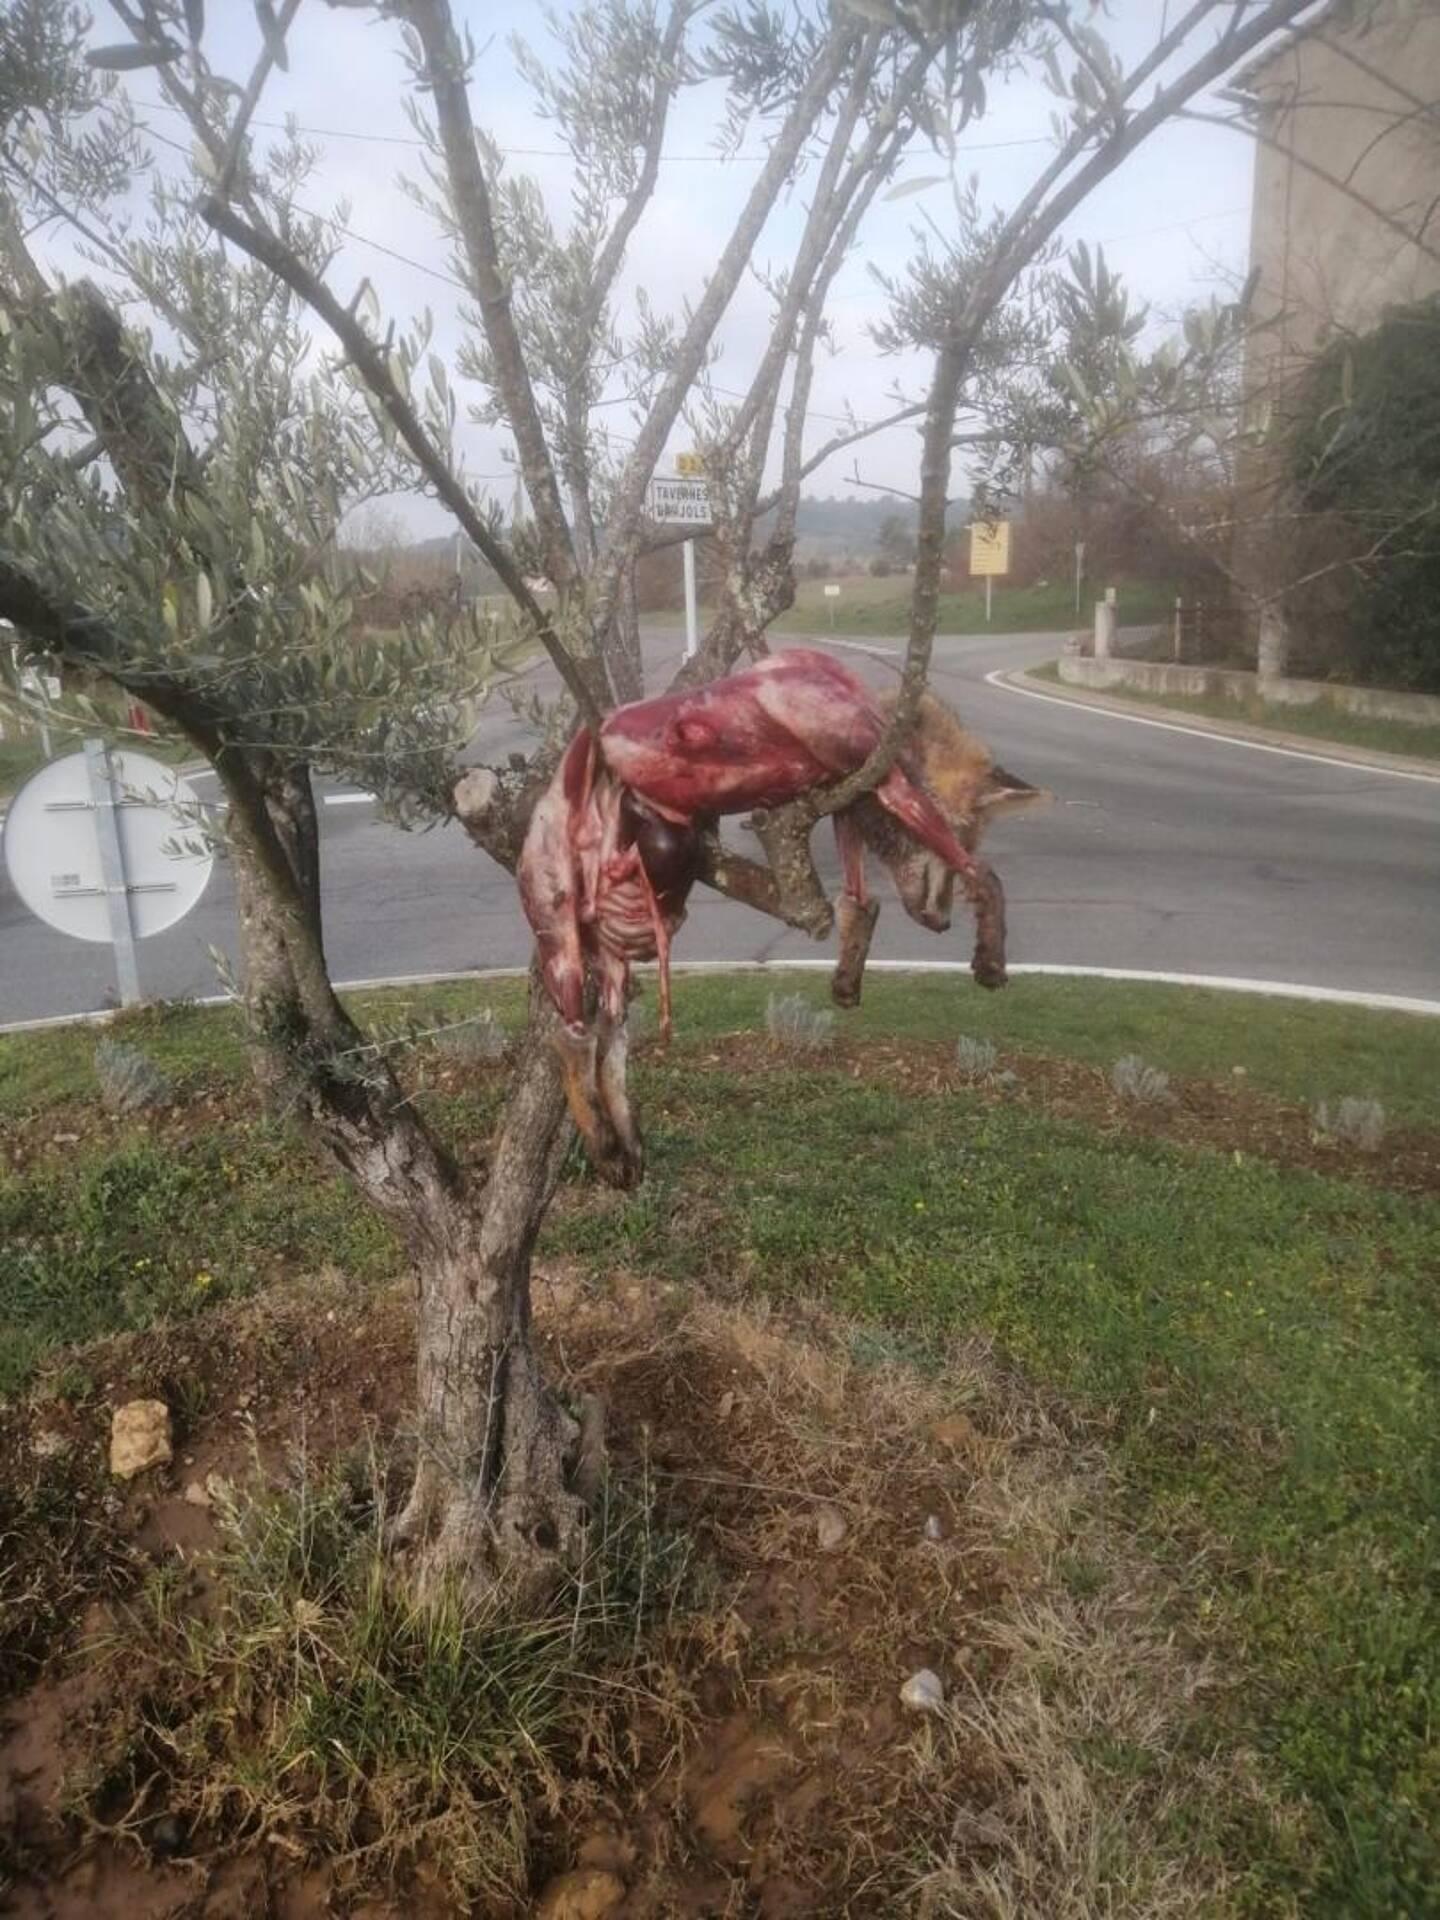 L'animal dépecé a été découvert accroché à un arbre ce vendredi matin.